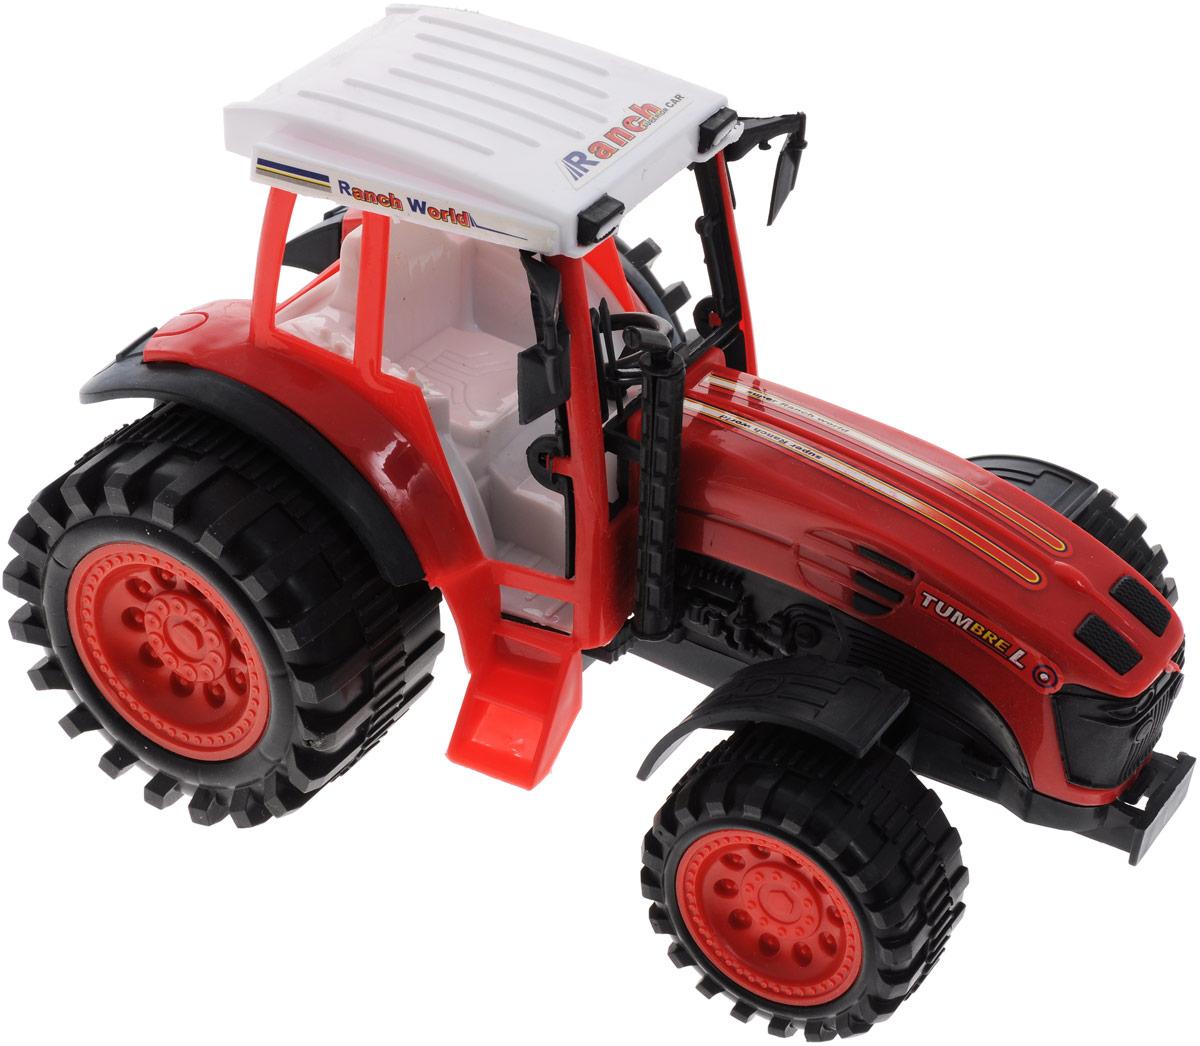 Junfa Toys Трактор инерционный Ranch World цвет красный0488-97Инерционный трактор Junfa Toys станет отличным подарком на любой праздник. Игрушка выполнена из прочных и безопасных для ребенка материалов. Пластиковые колеса хорошо прокручиваются без какого-либо торможения и проскальзывания. У трактора имеется лестница, по которой небольшая фигурка какого-либо жителя игрушечного города сможет подниматься в кабину. Кроме того, трактор оснащен инерционным механизмом, что сделает игру еще интереснее. Чтобы он самостоятельно поехал вперед, поставьте его на ровную поверхность, слегка надавите на трактор, оттяните назад и отпустите. Порадуйте своего ребенка такой замечательной игрушкой.